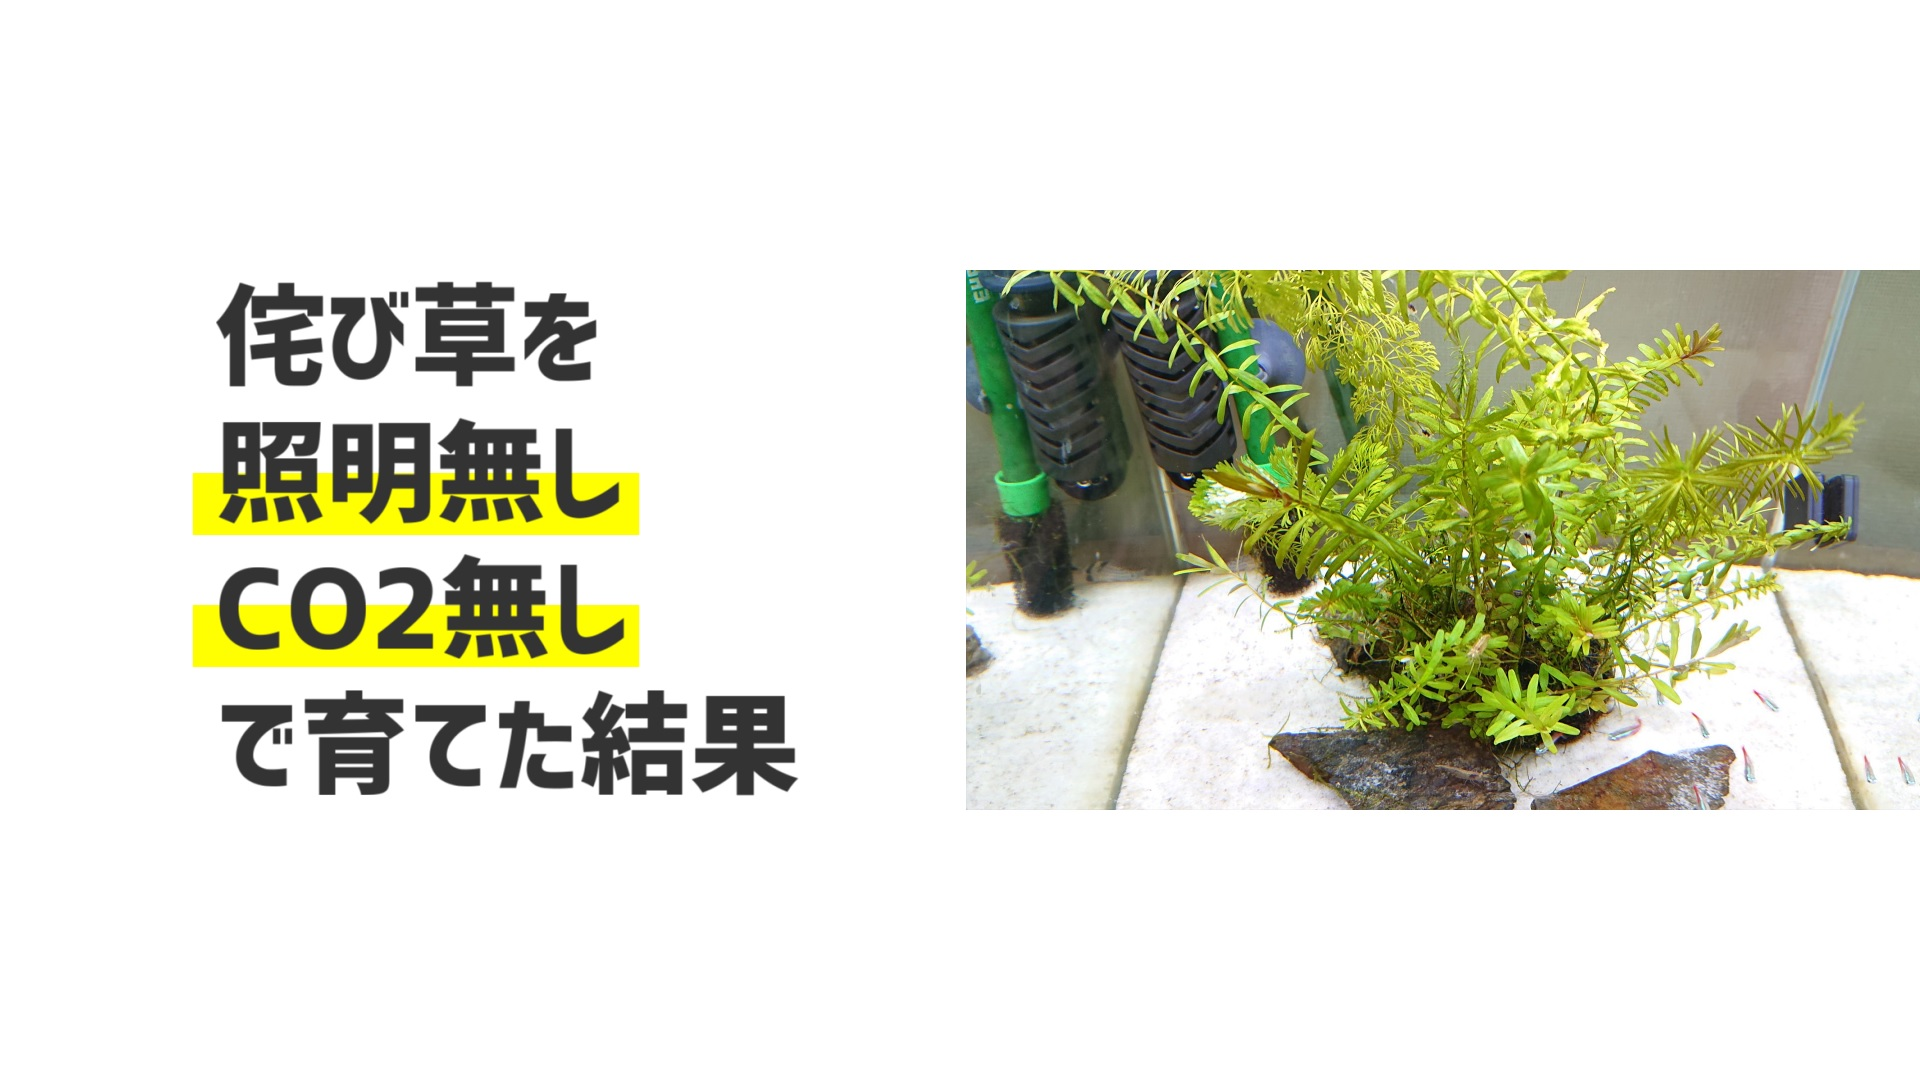 侘び草は照明なし、CO2なしで育つのか!?